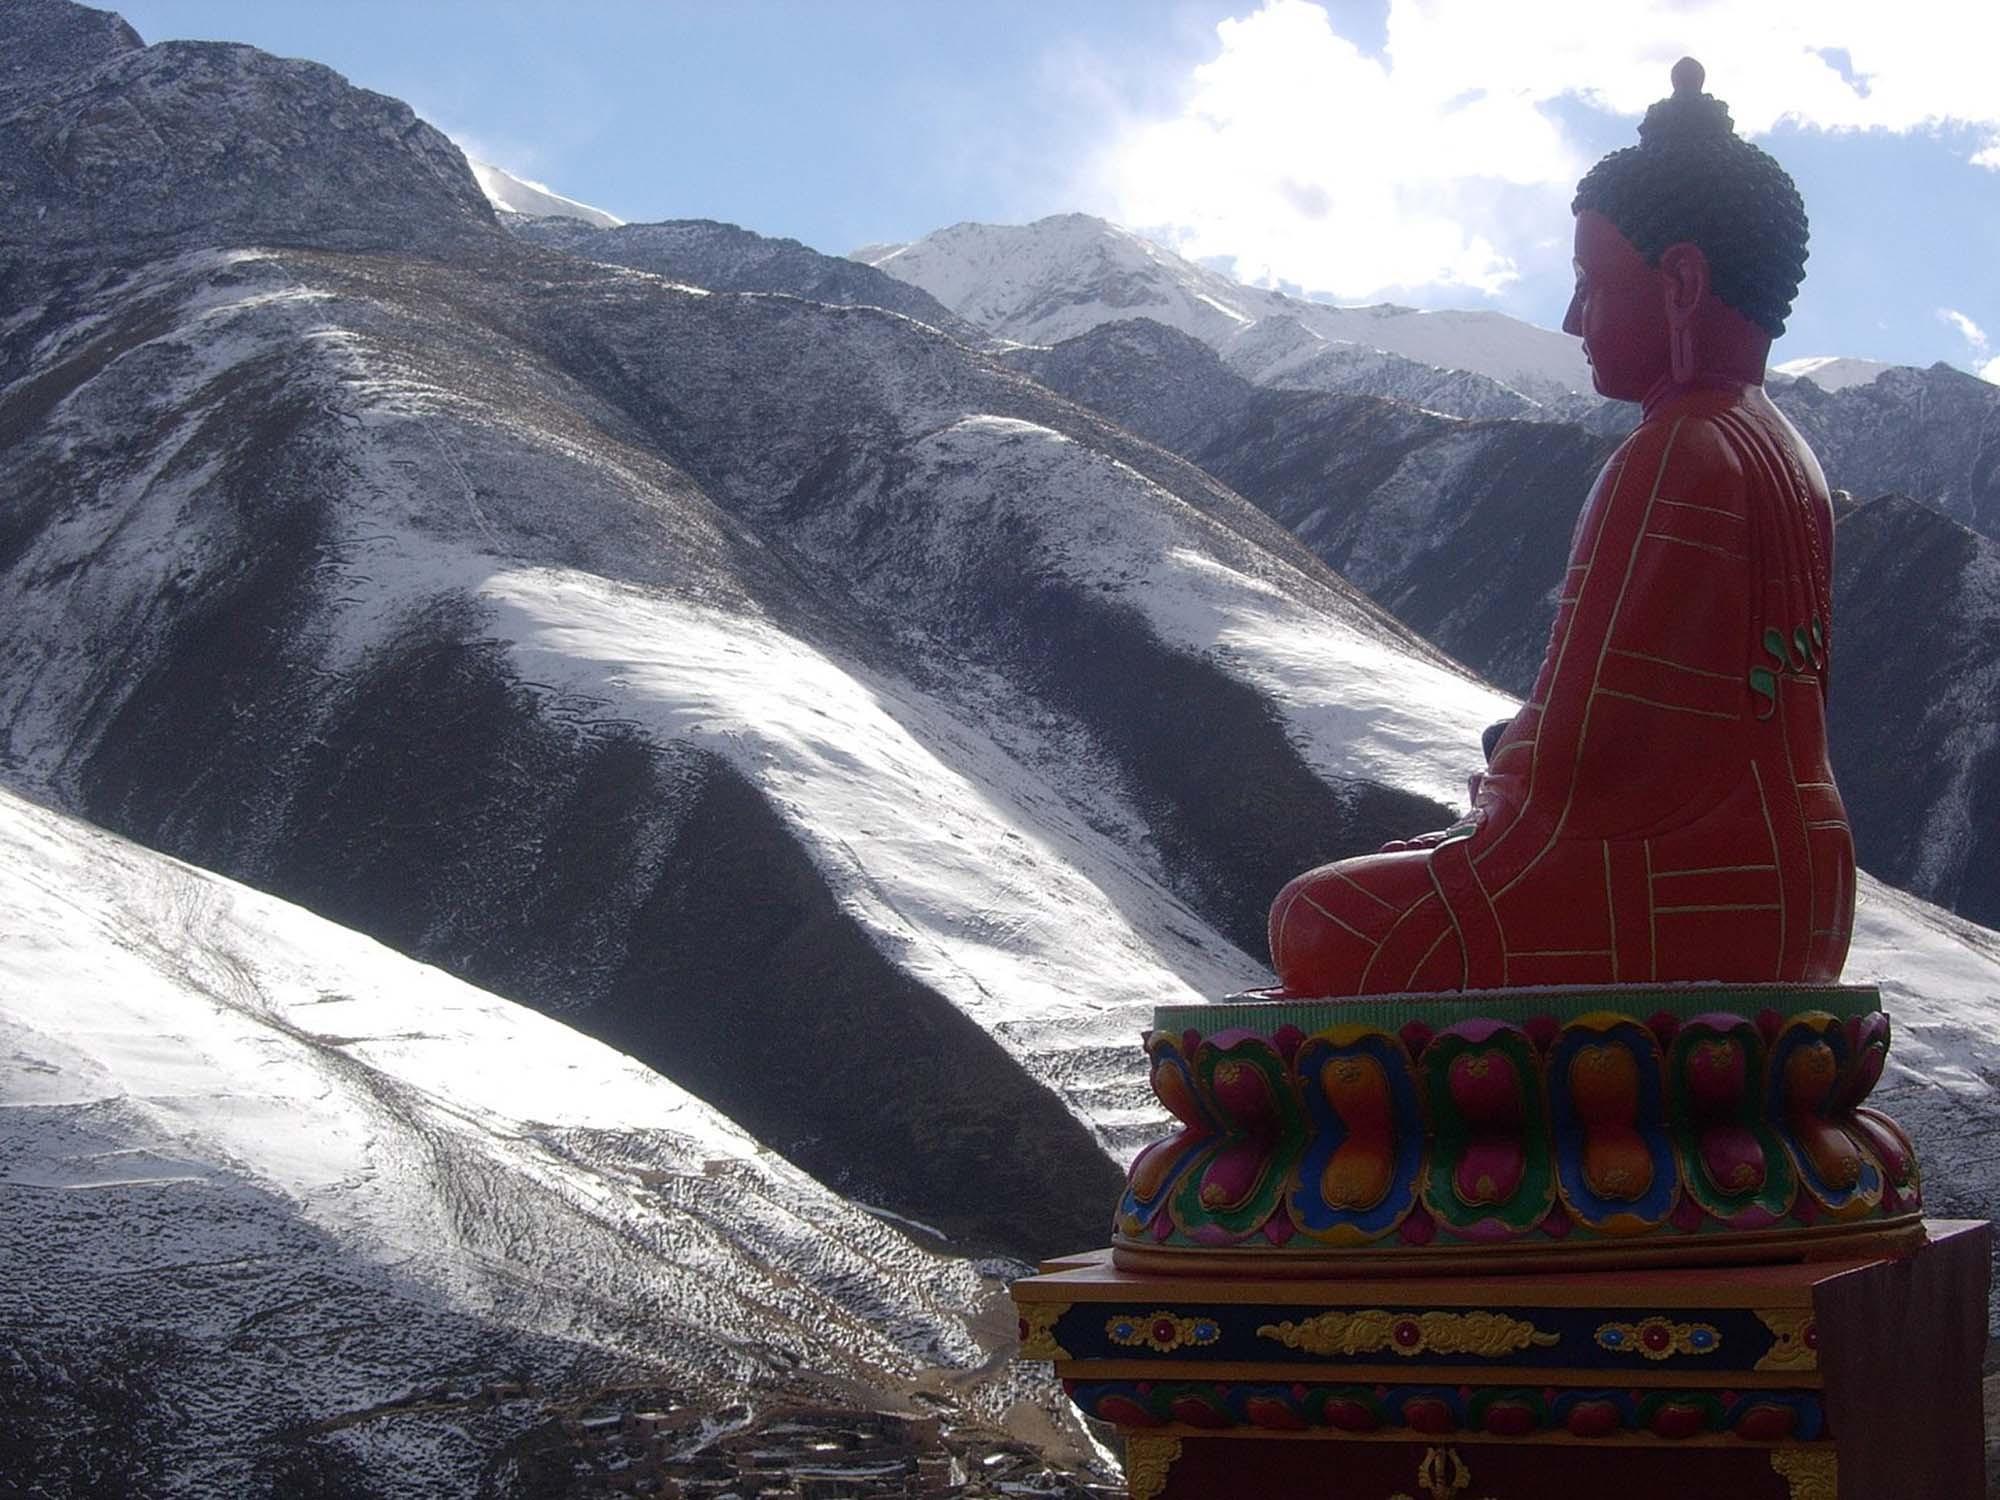 Sky burial site, Yushu, Tibet